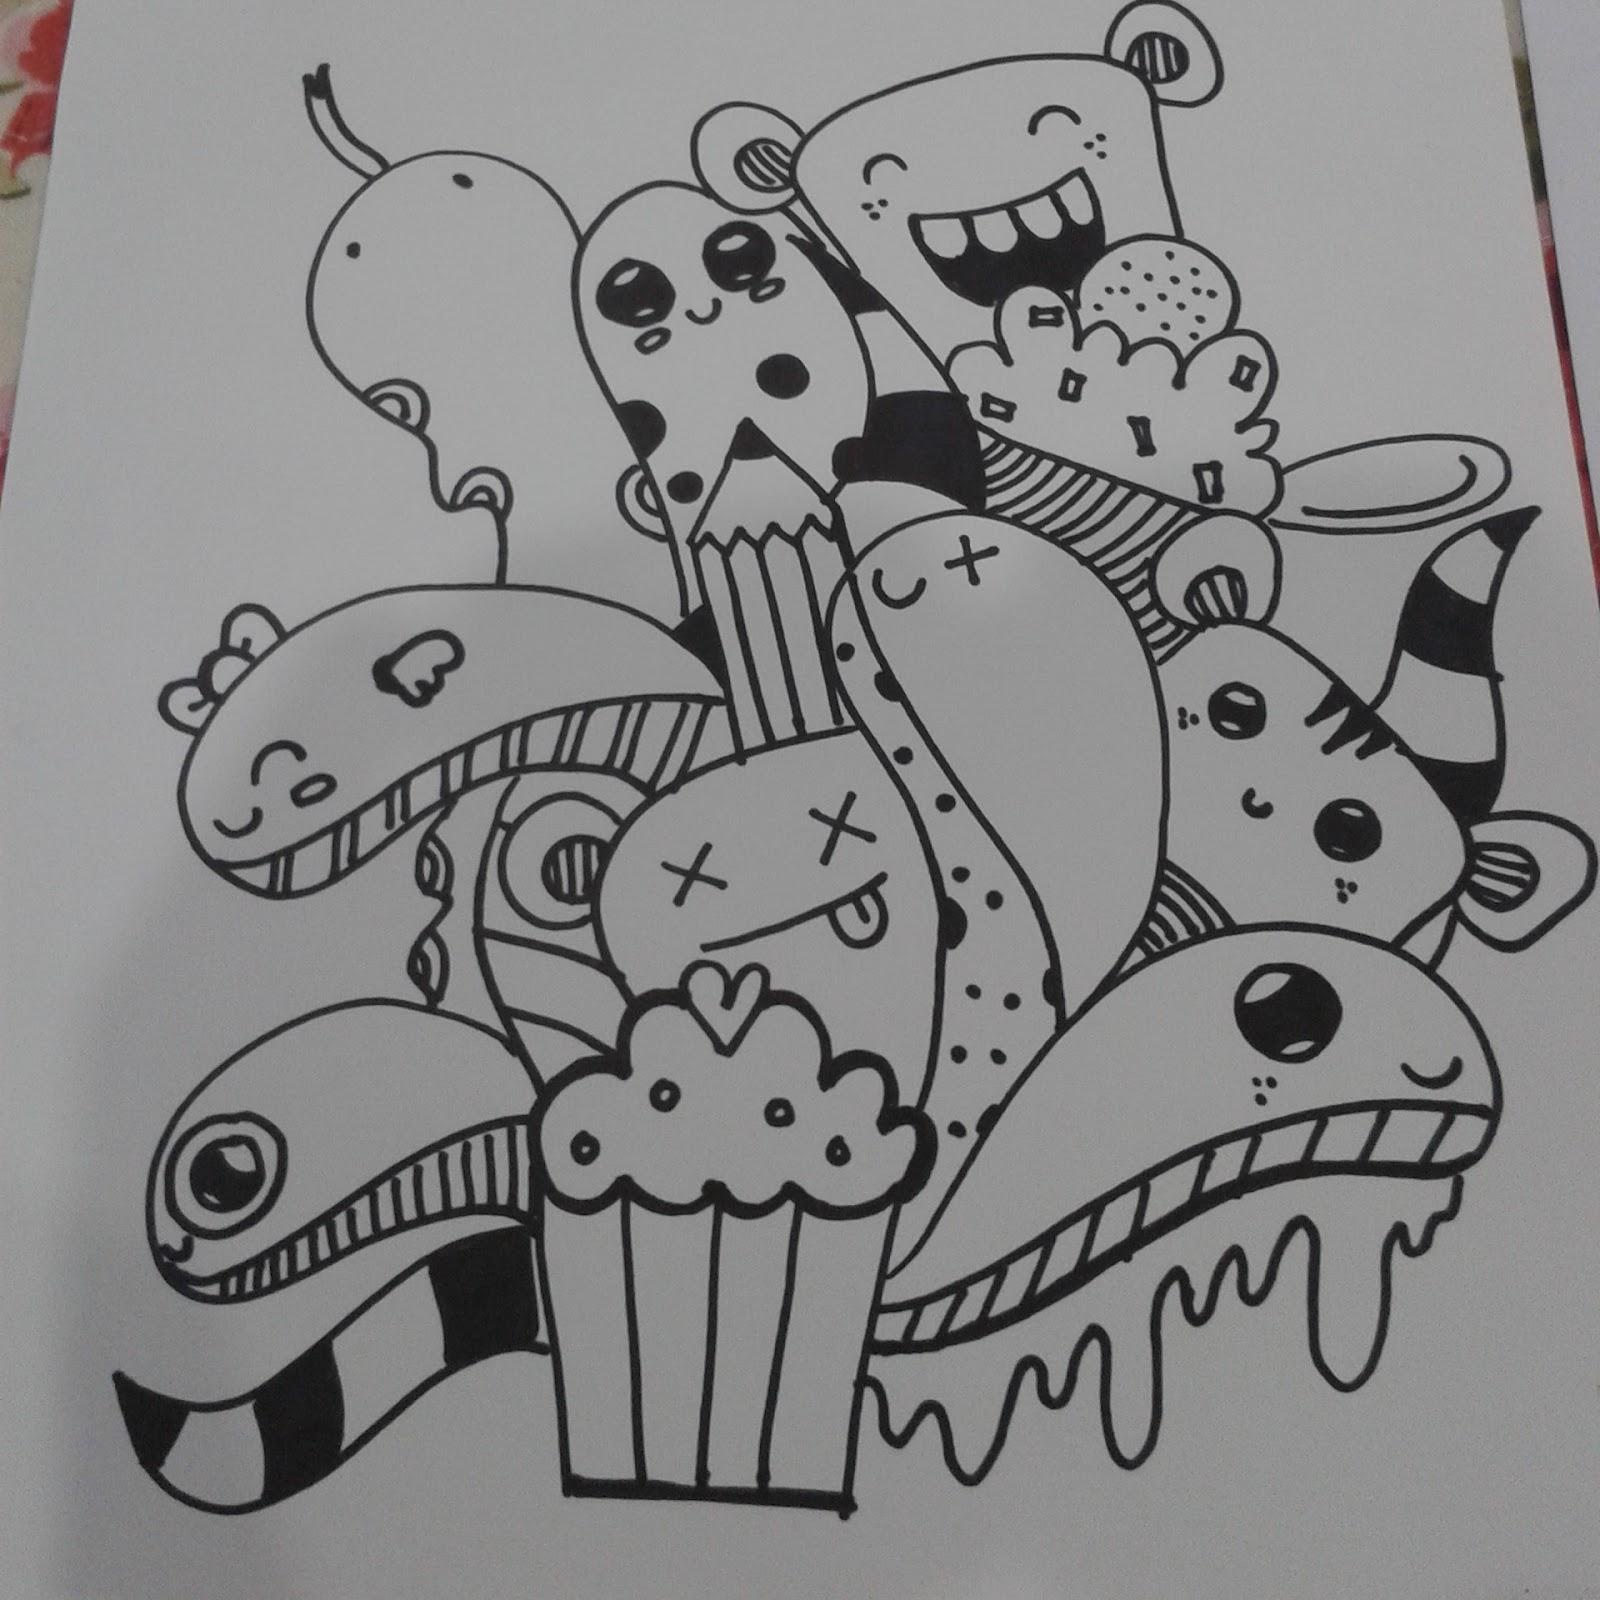 Gambar Doodle Vespa  Terkini Banget